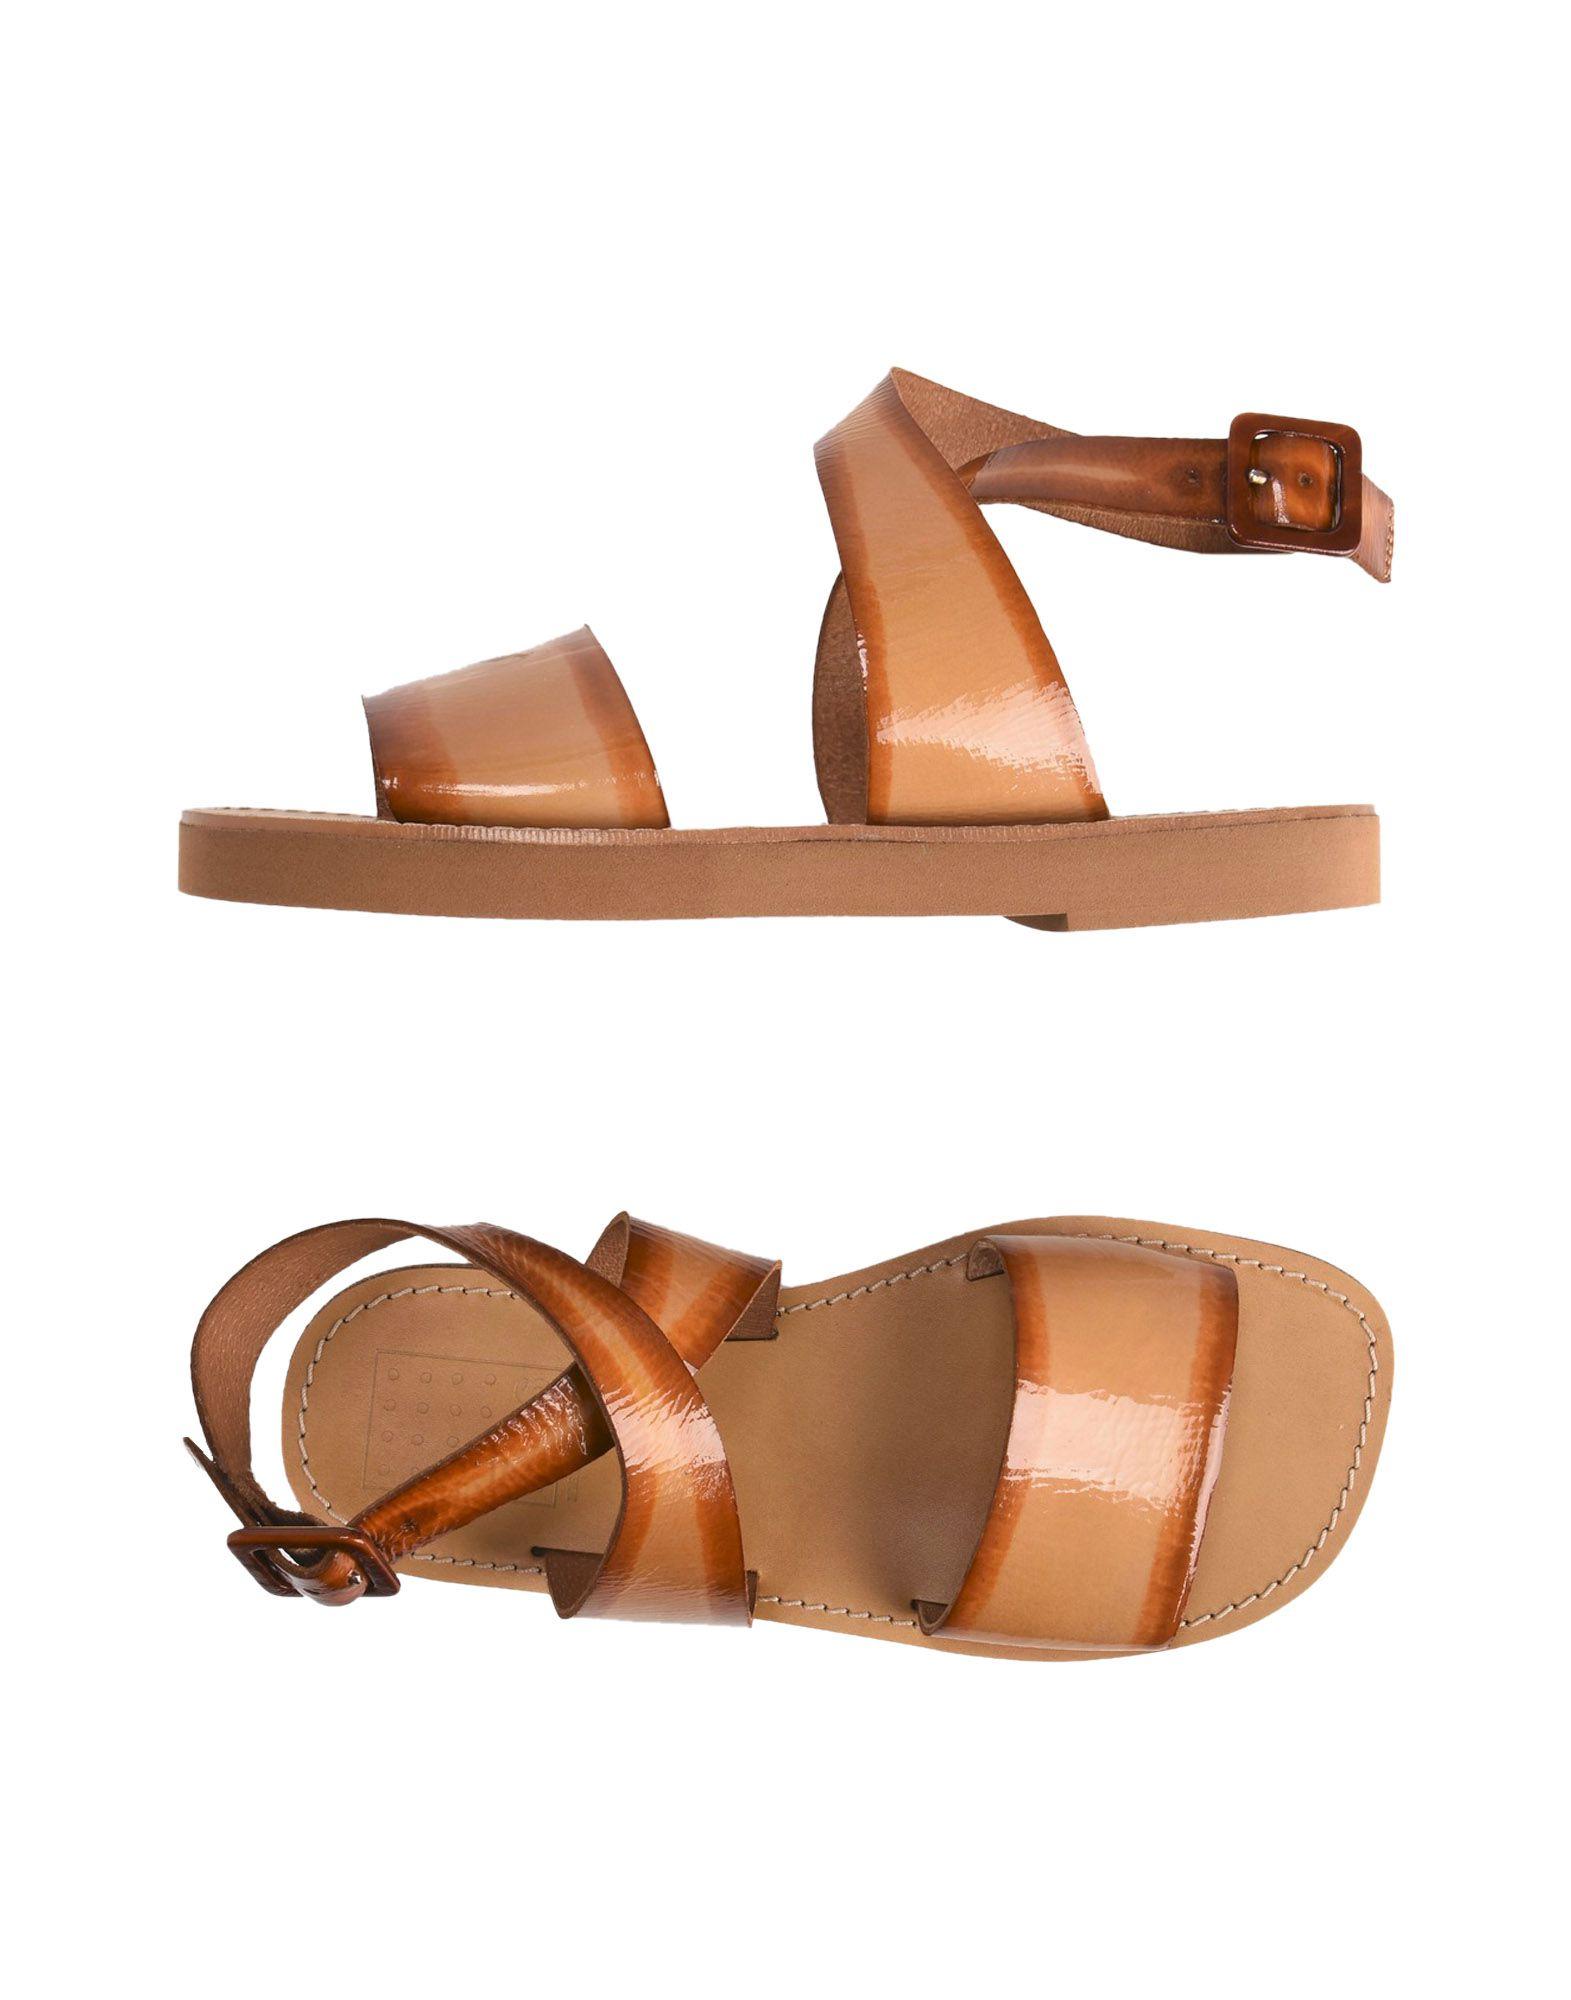 Pf16 Sandalen Damen  Schuhe 11384199GC Gute Qualität beliebte Schuhe  307838